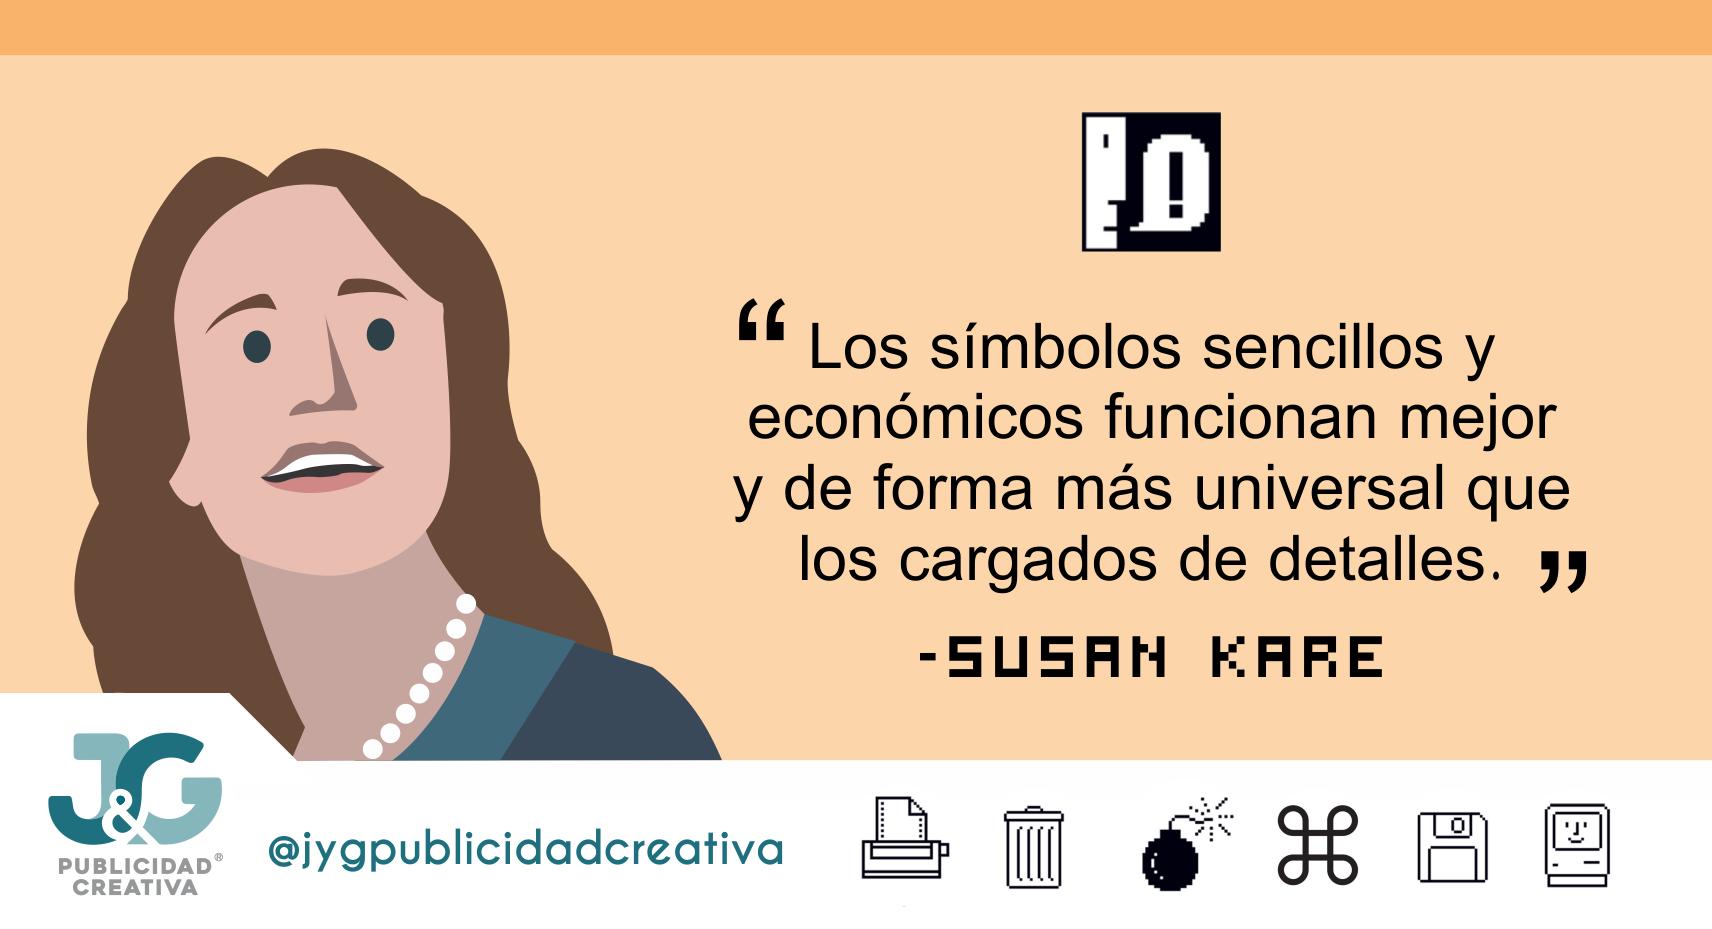 Susan Kare - JyG Publicidad Creativa